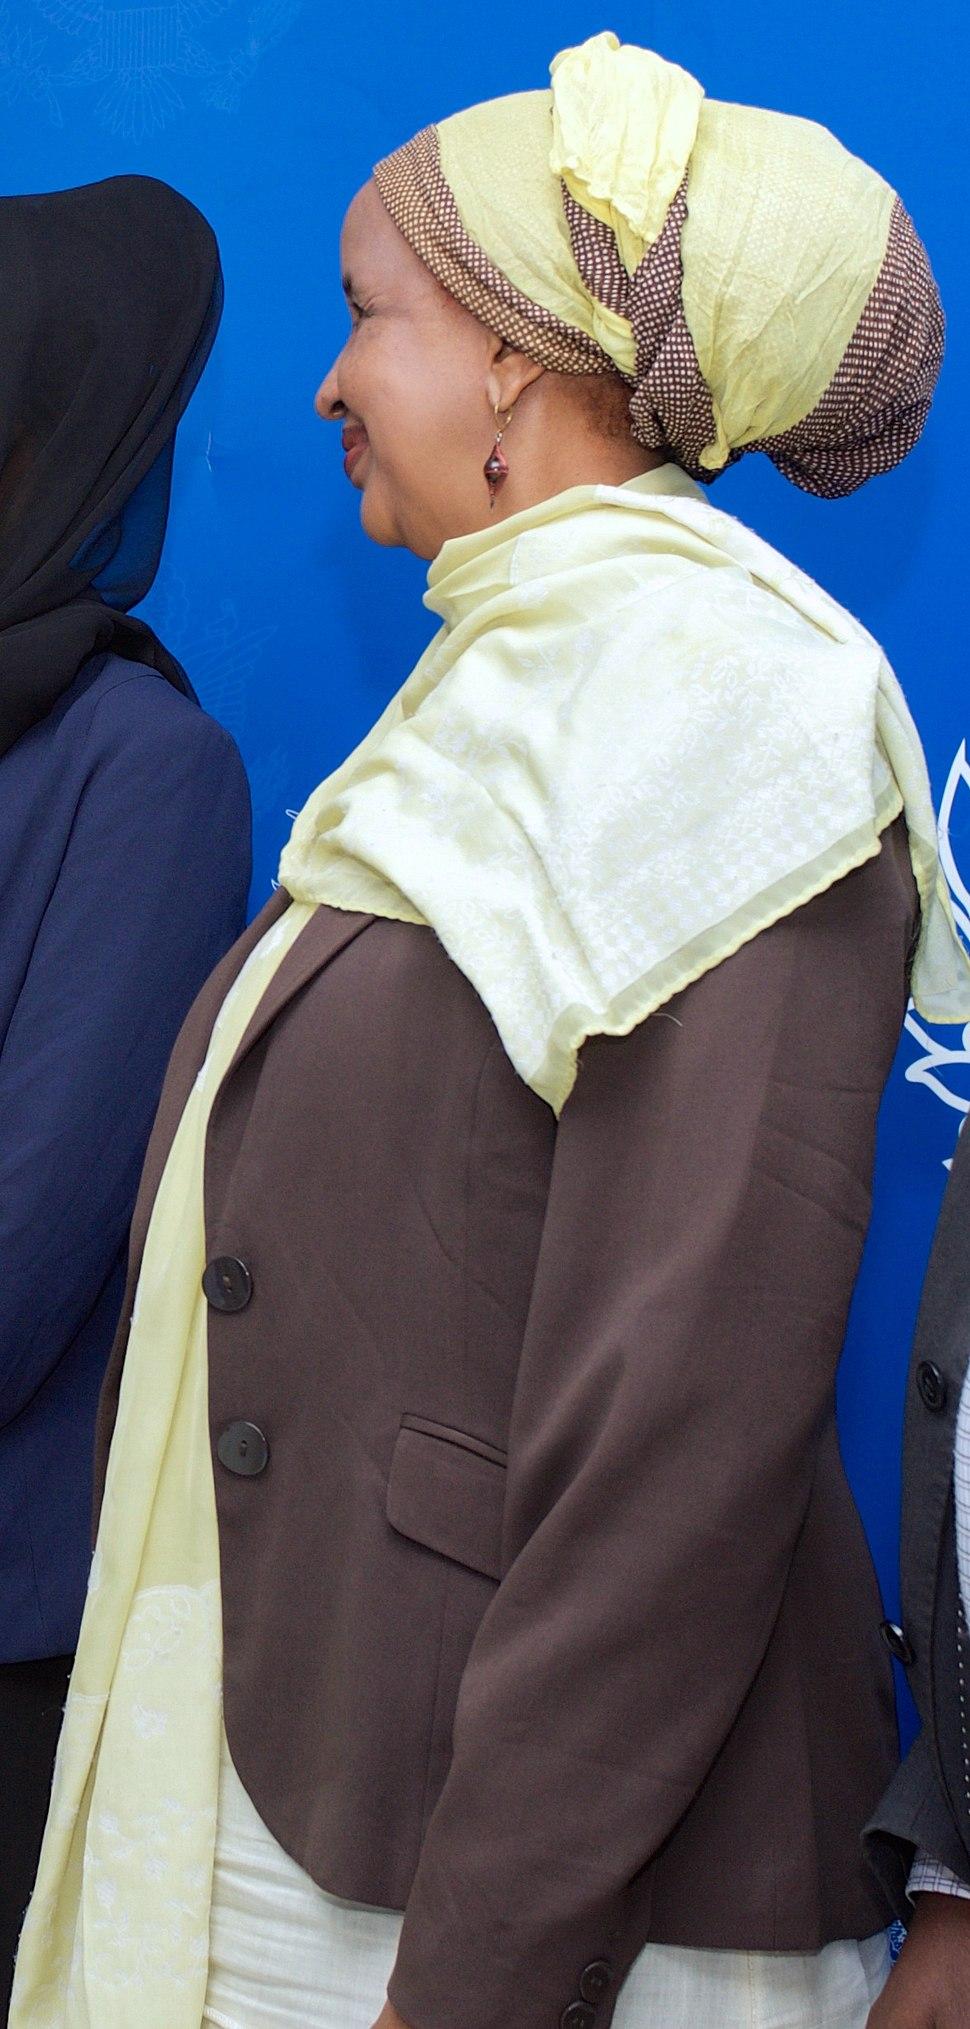 Zainabhassan1